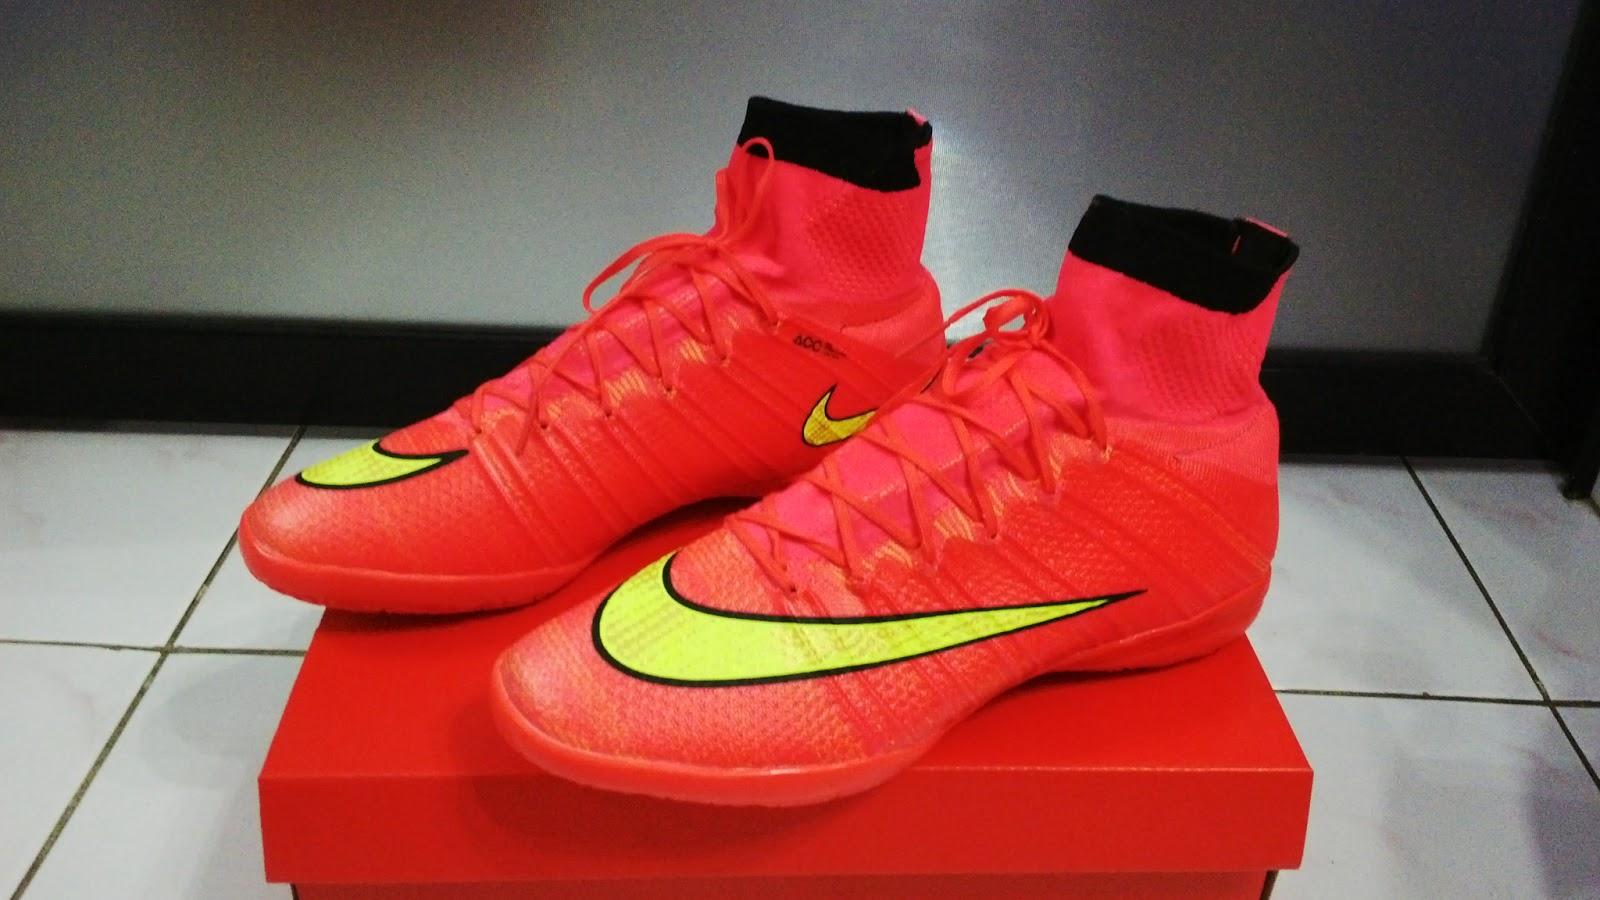 TasampSepatu Model Terbaru Sepatu Futsal Nike